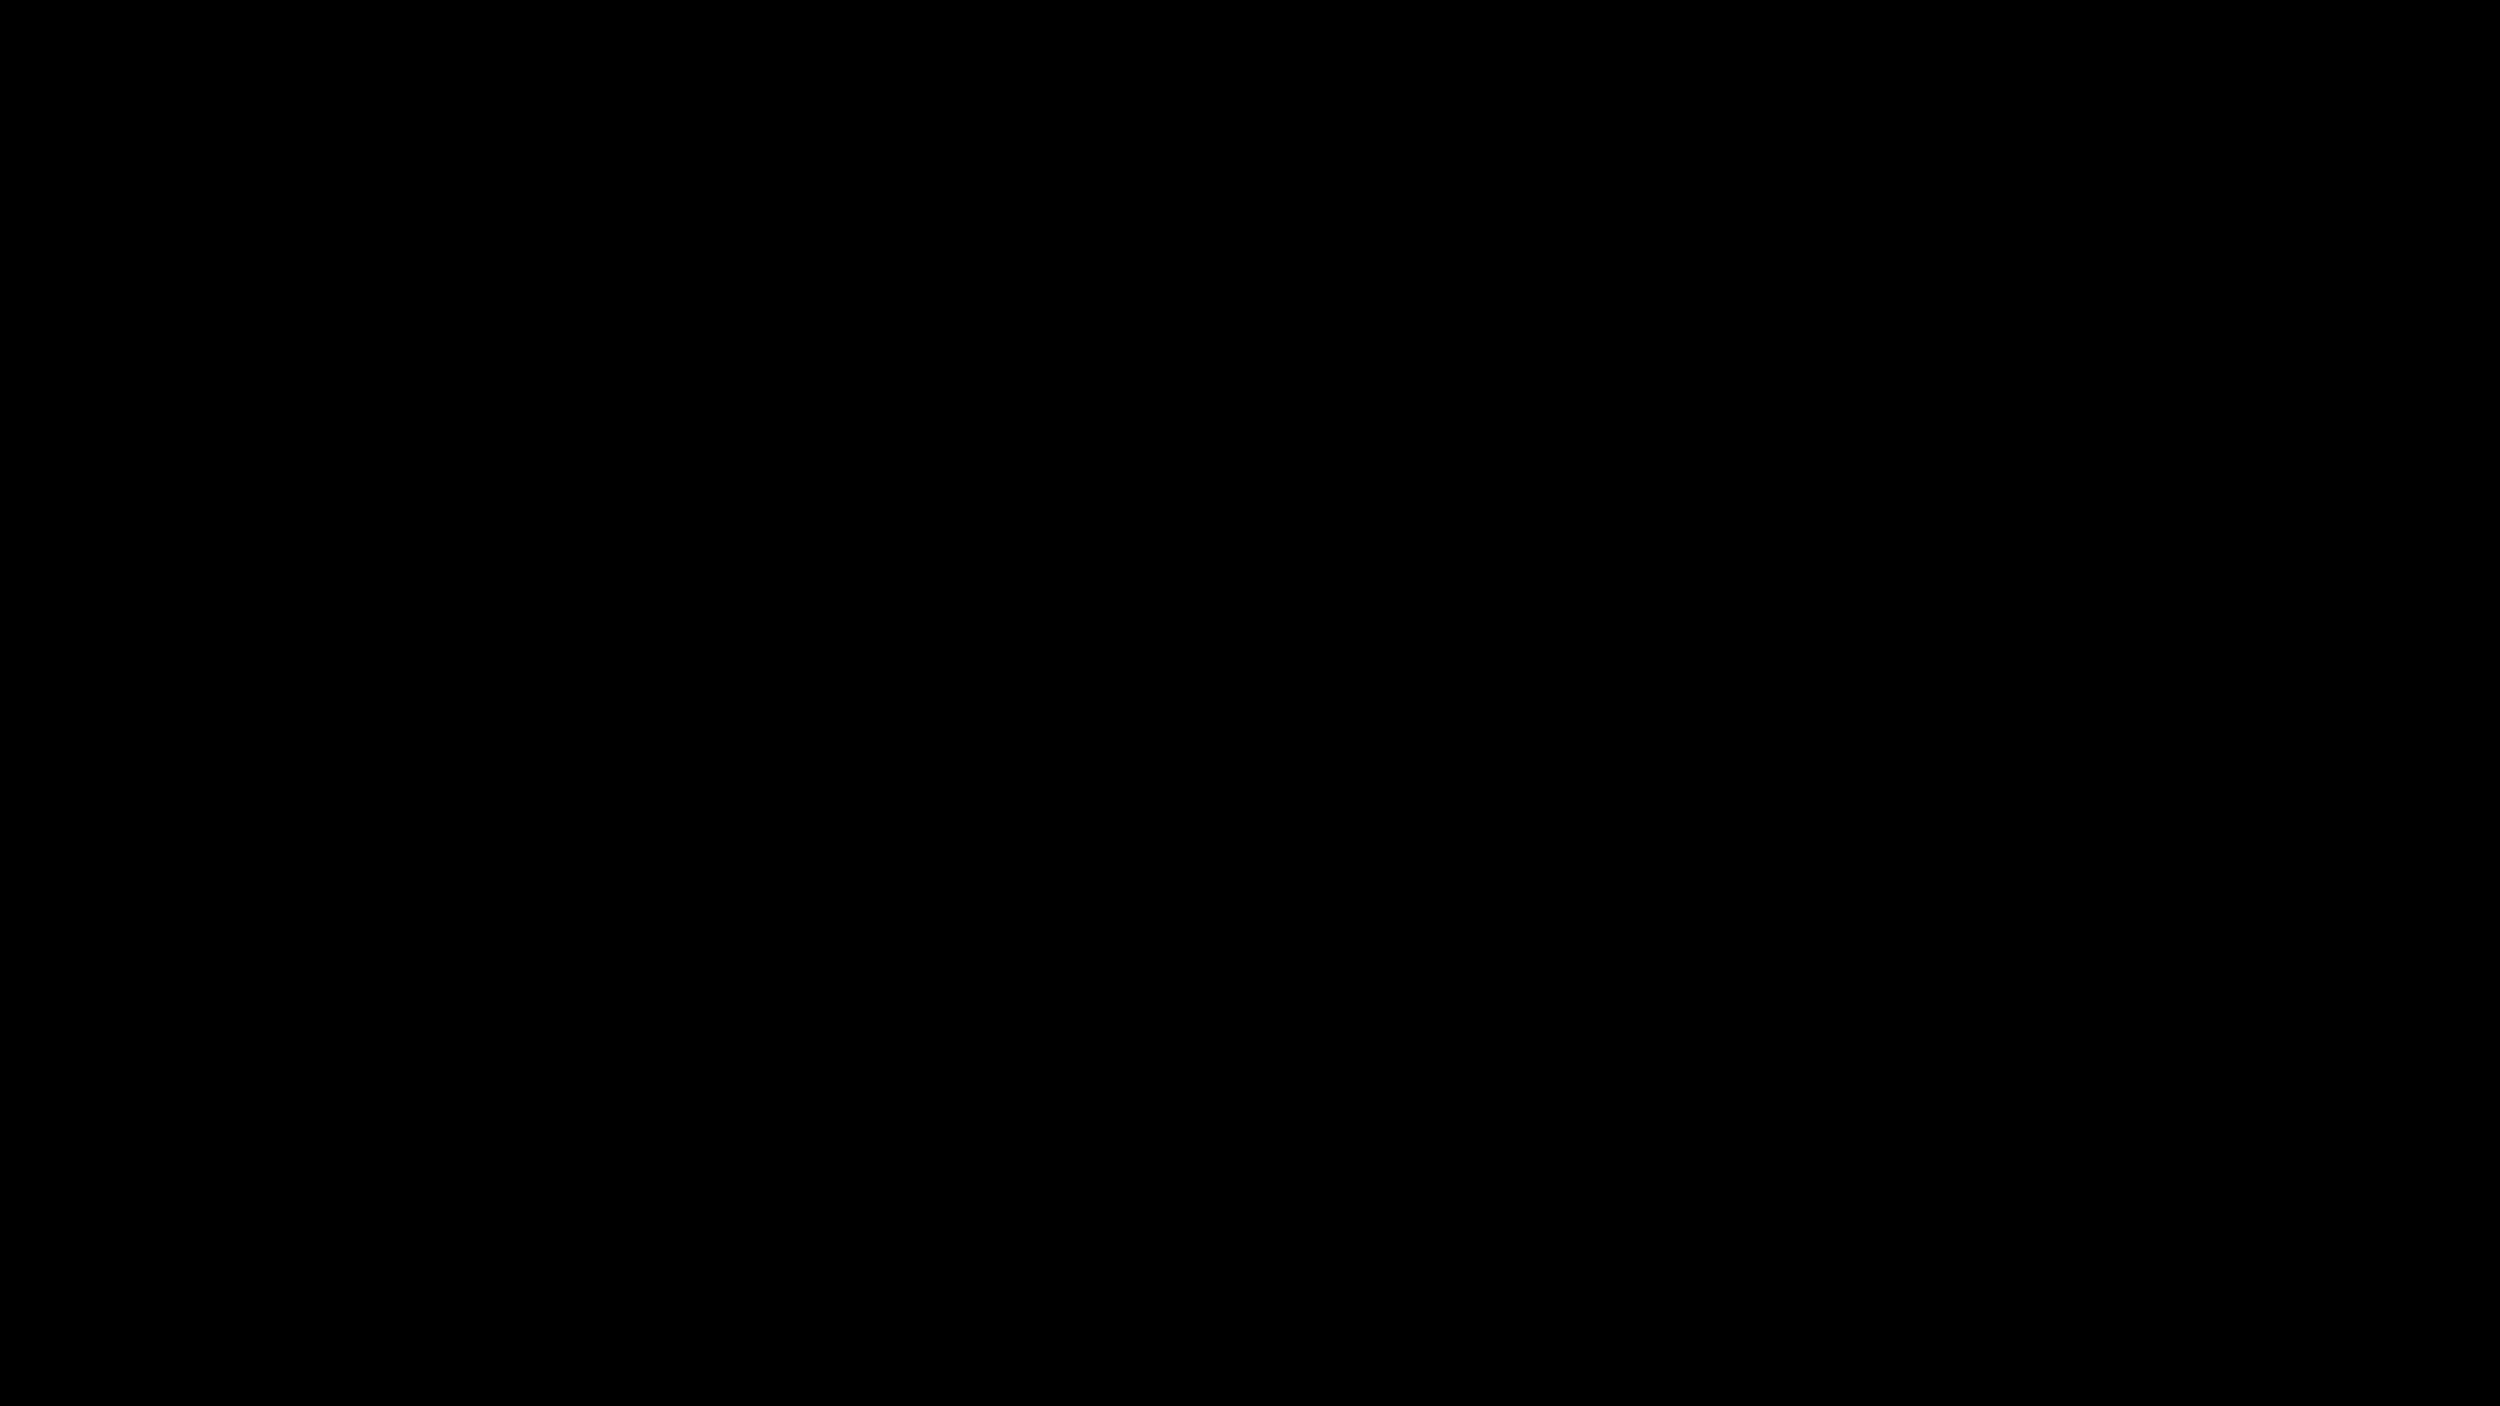 8 - JLPR_FINALLOGO_BLACK.png